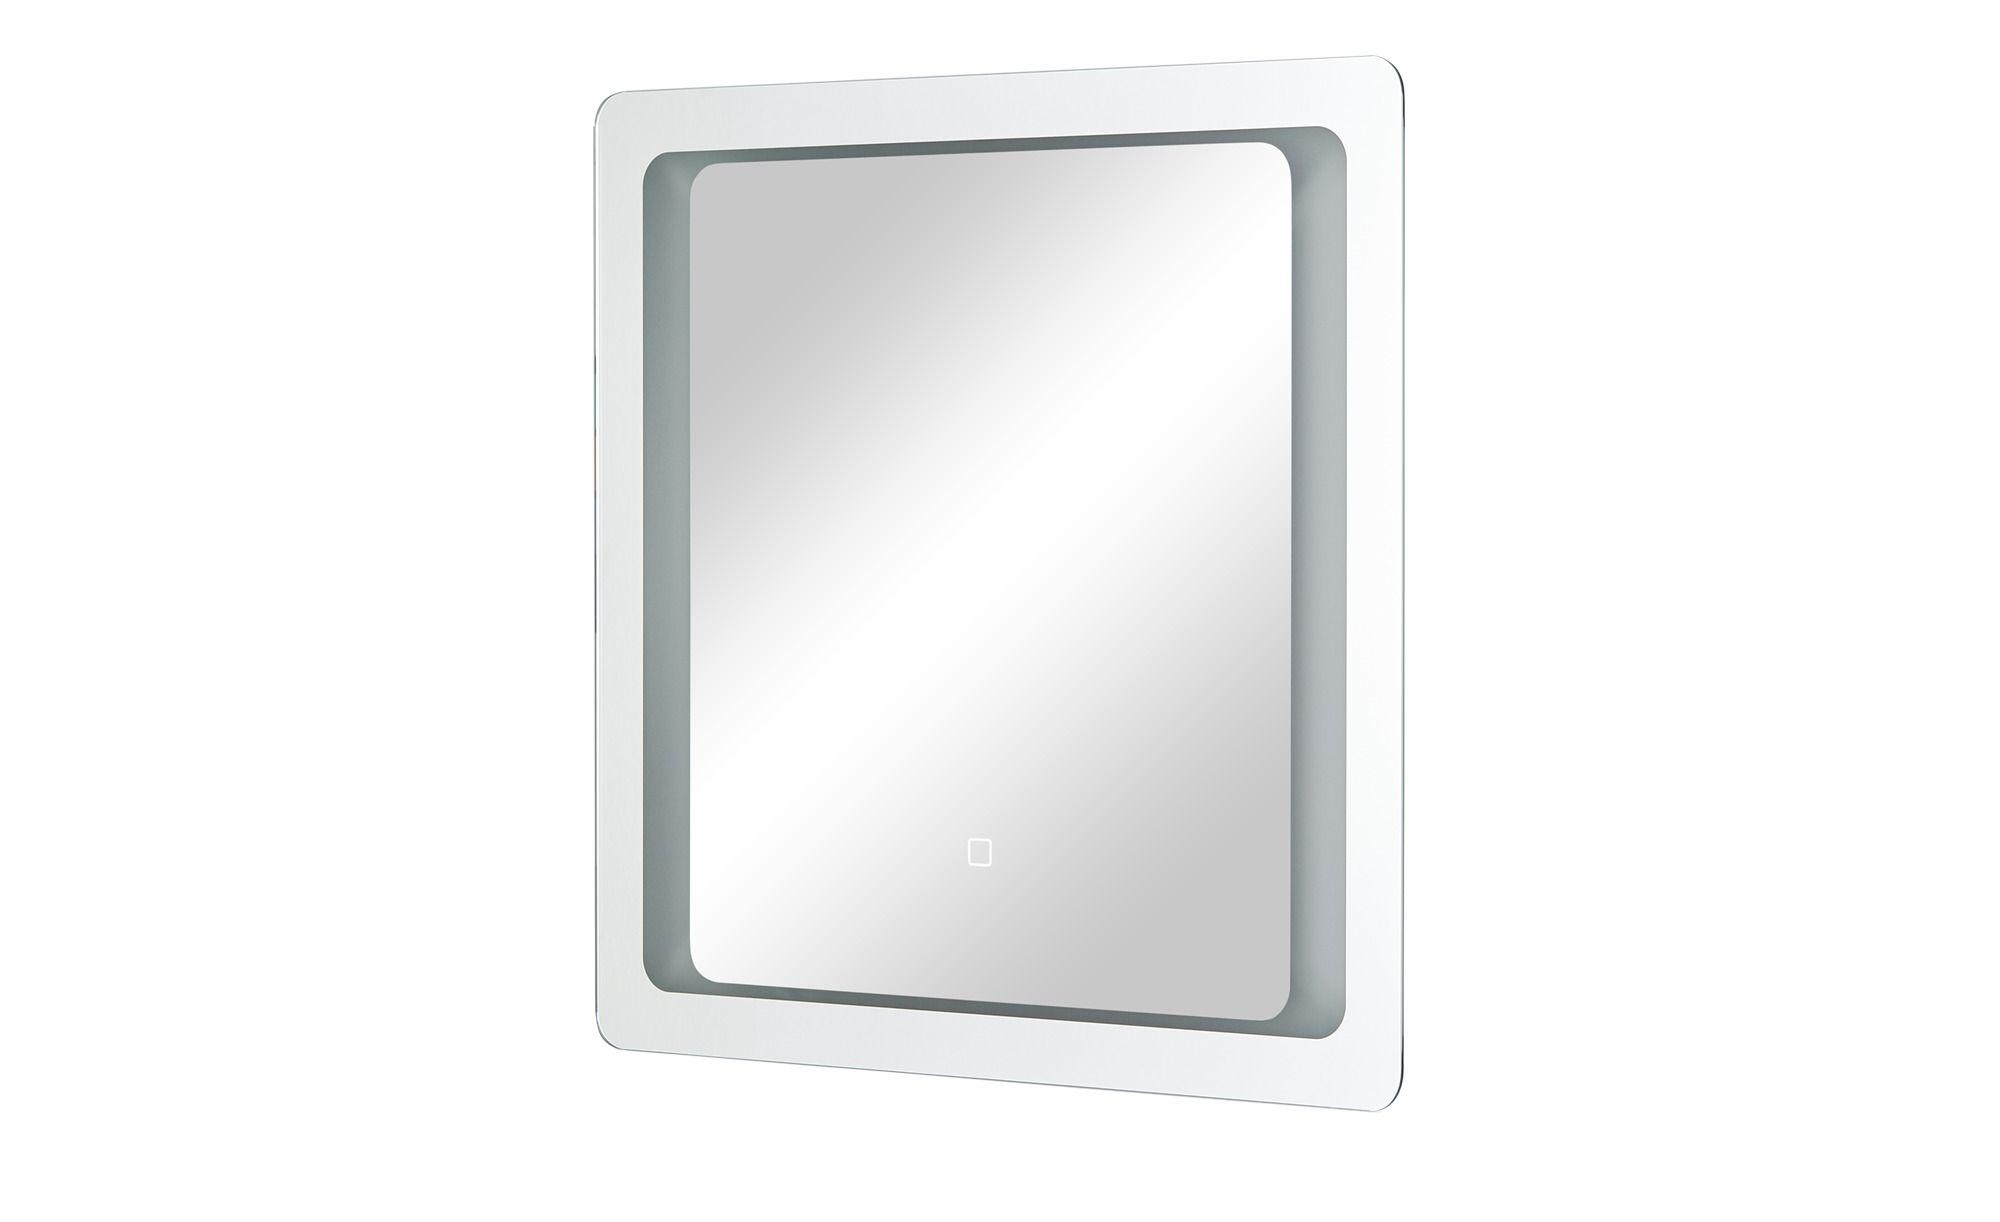 Led Badspiegel Silbersee Gefunden Bei Mobel Hoffner Badspiegel Led Und Spiegel